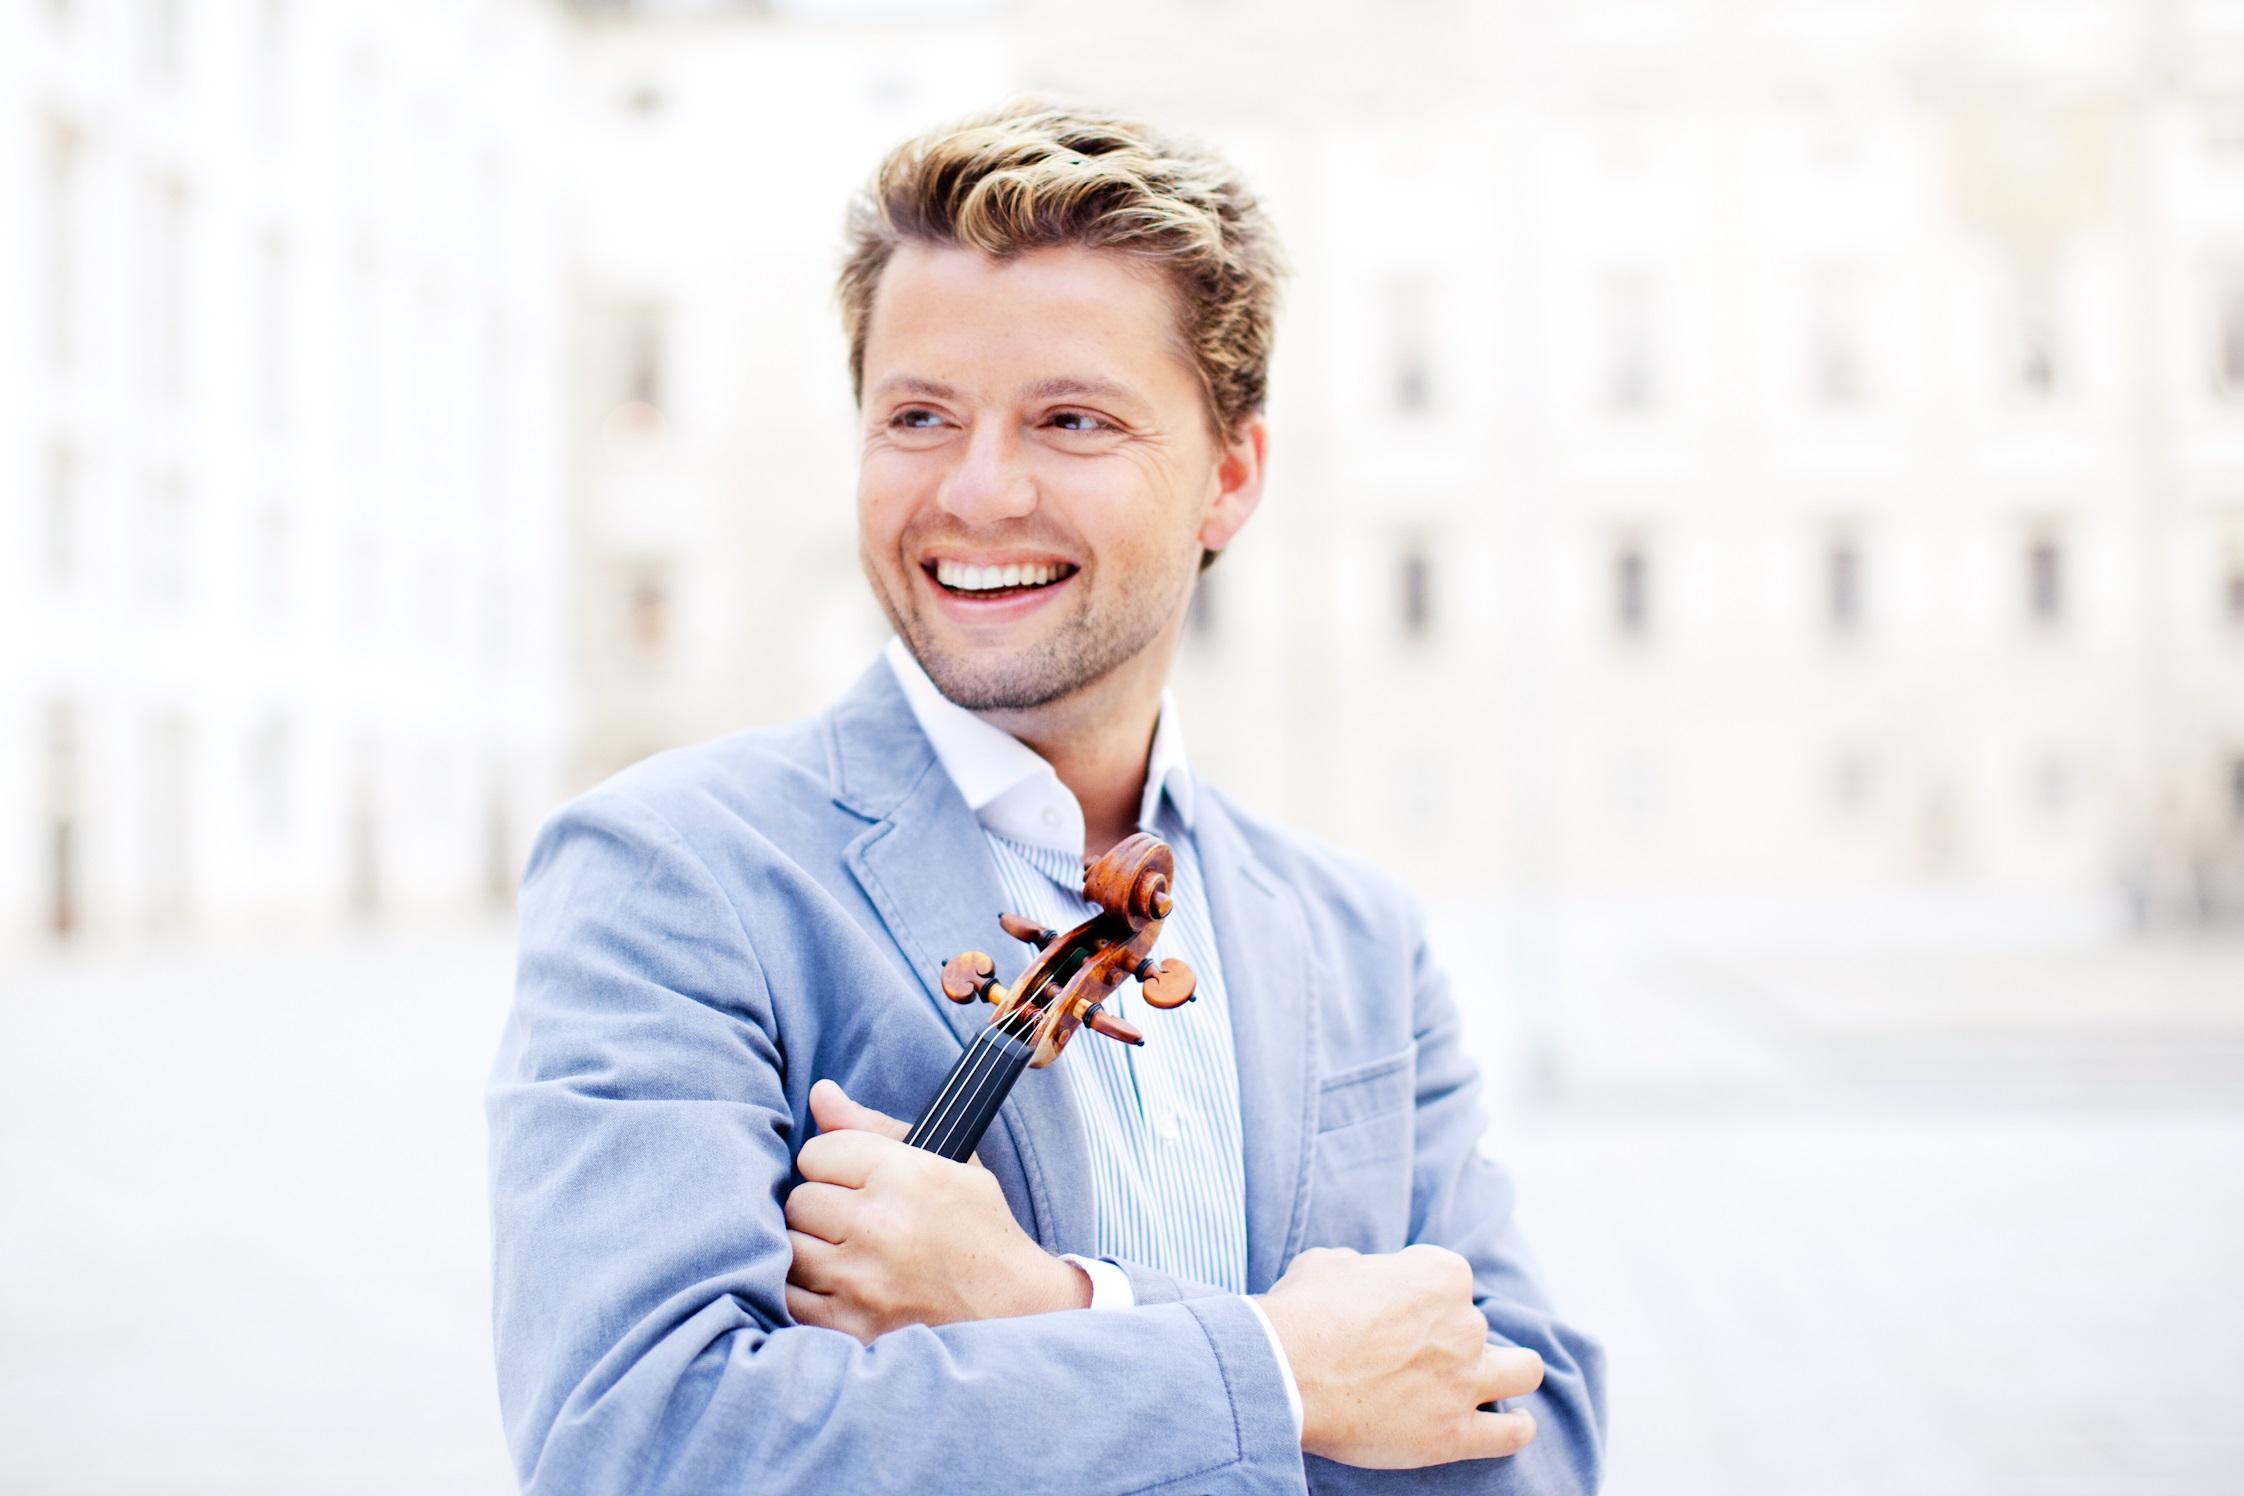 Скрипач Юлиан Рахлин выступит в феврале с Израильским Филармоническим Оркестром в честь 80-летия ИФО